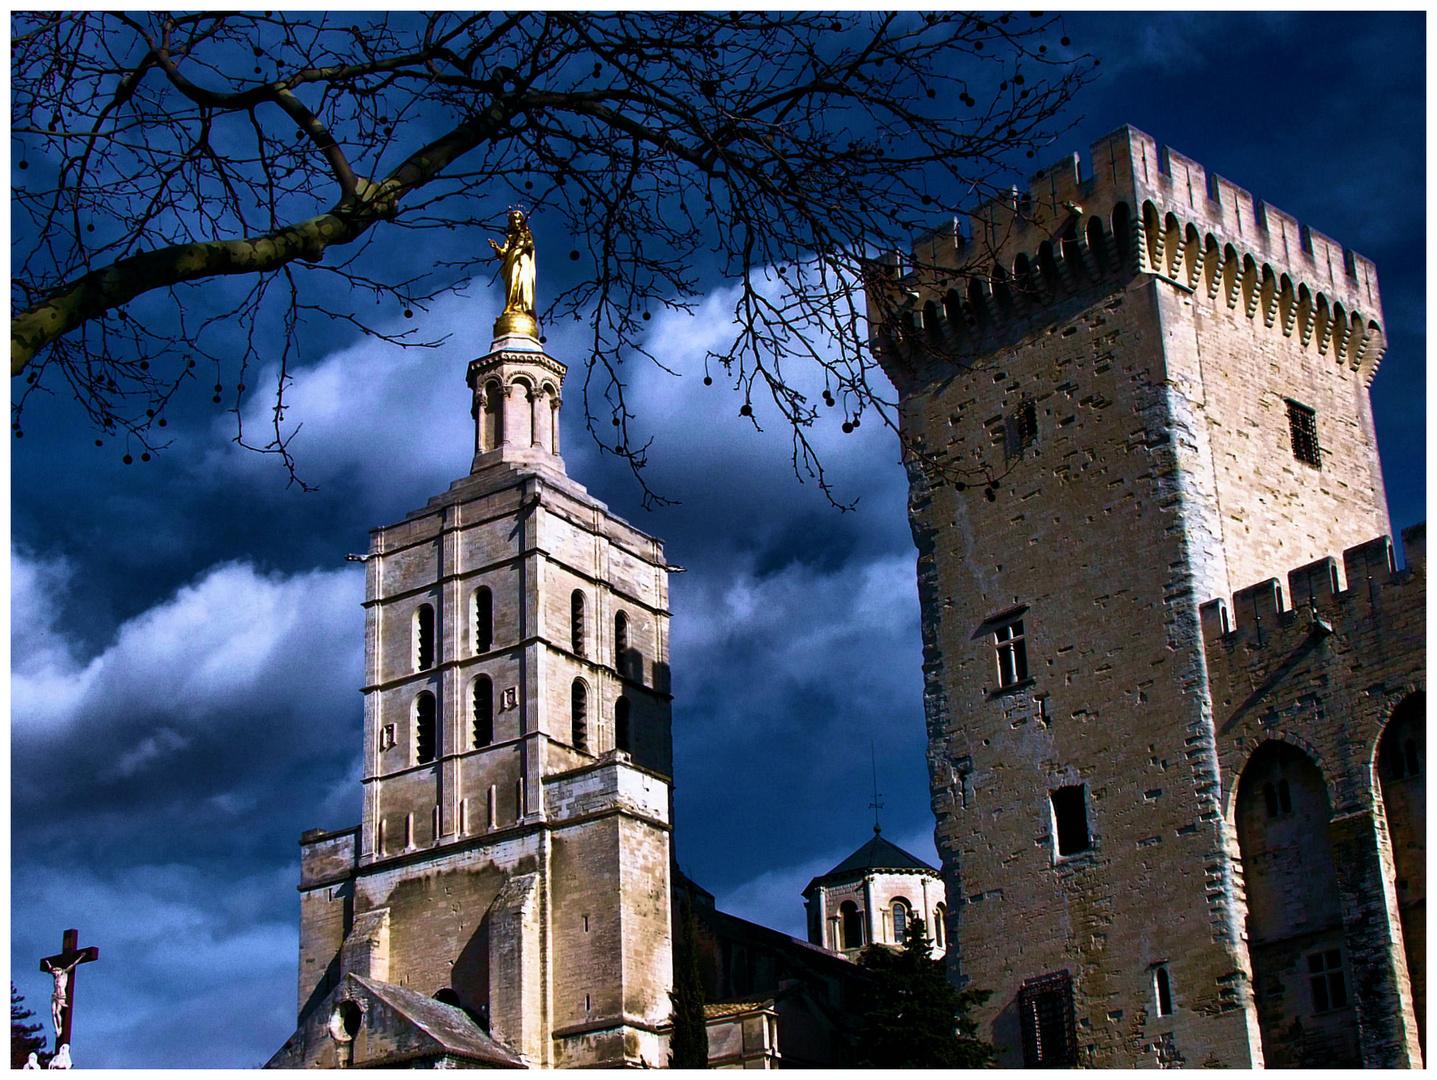 Les Doms, Avignon